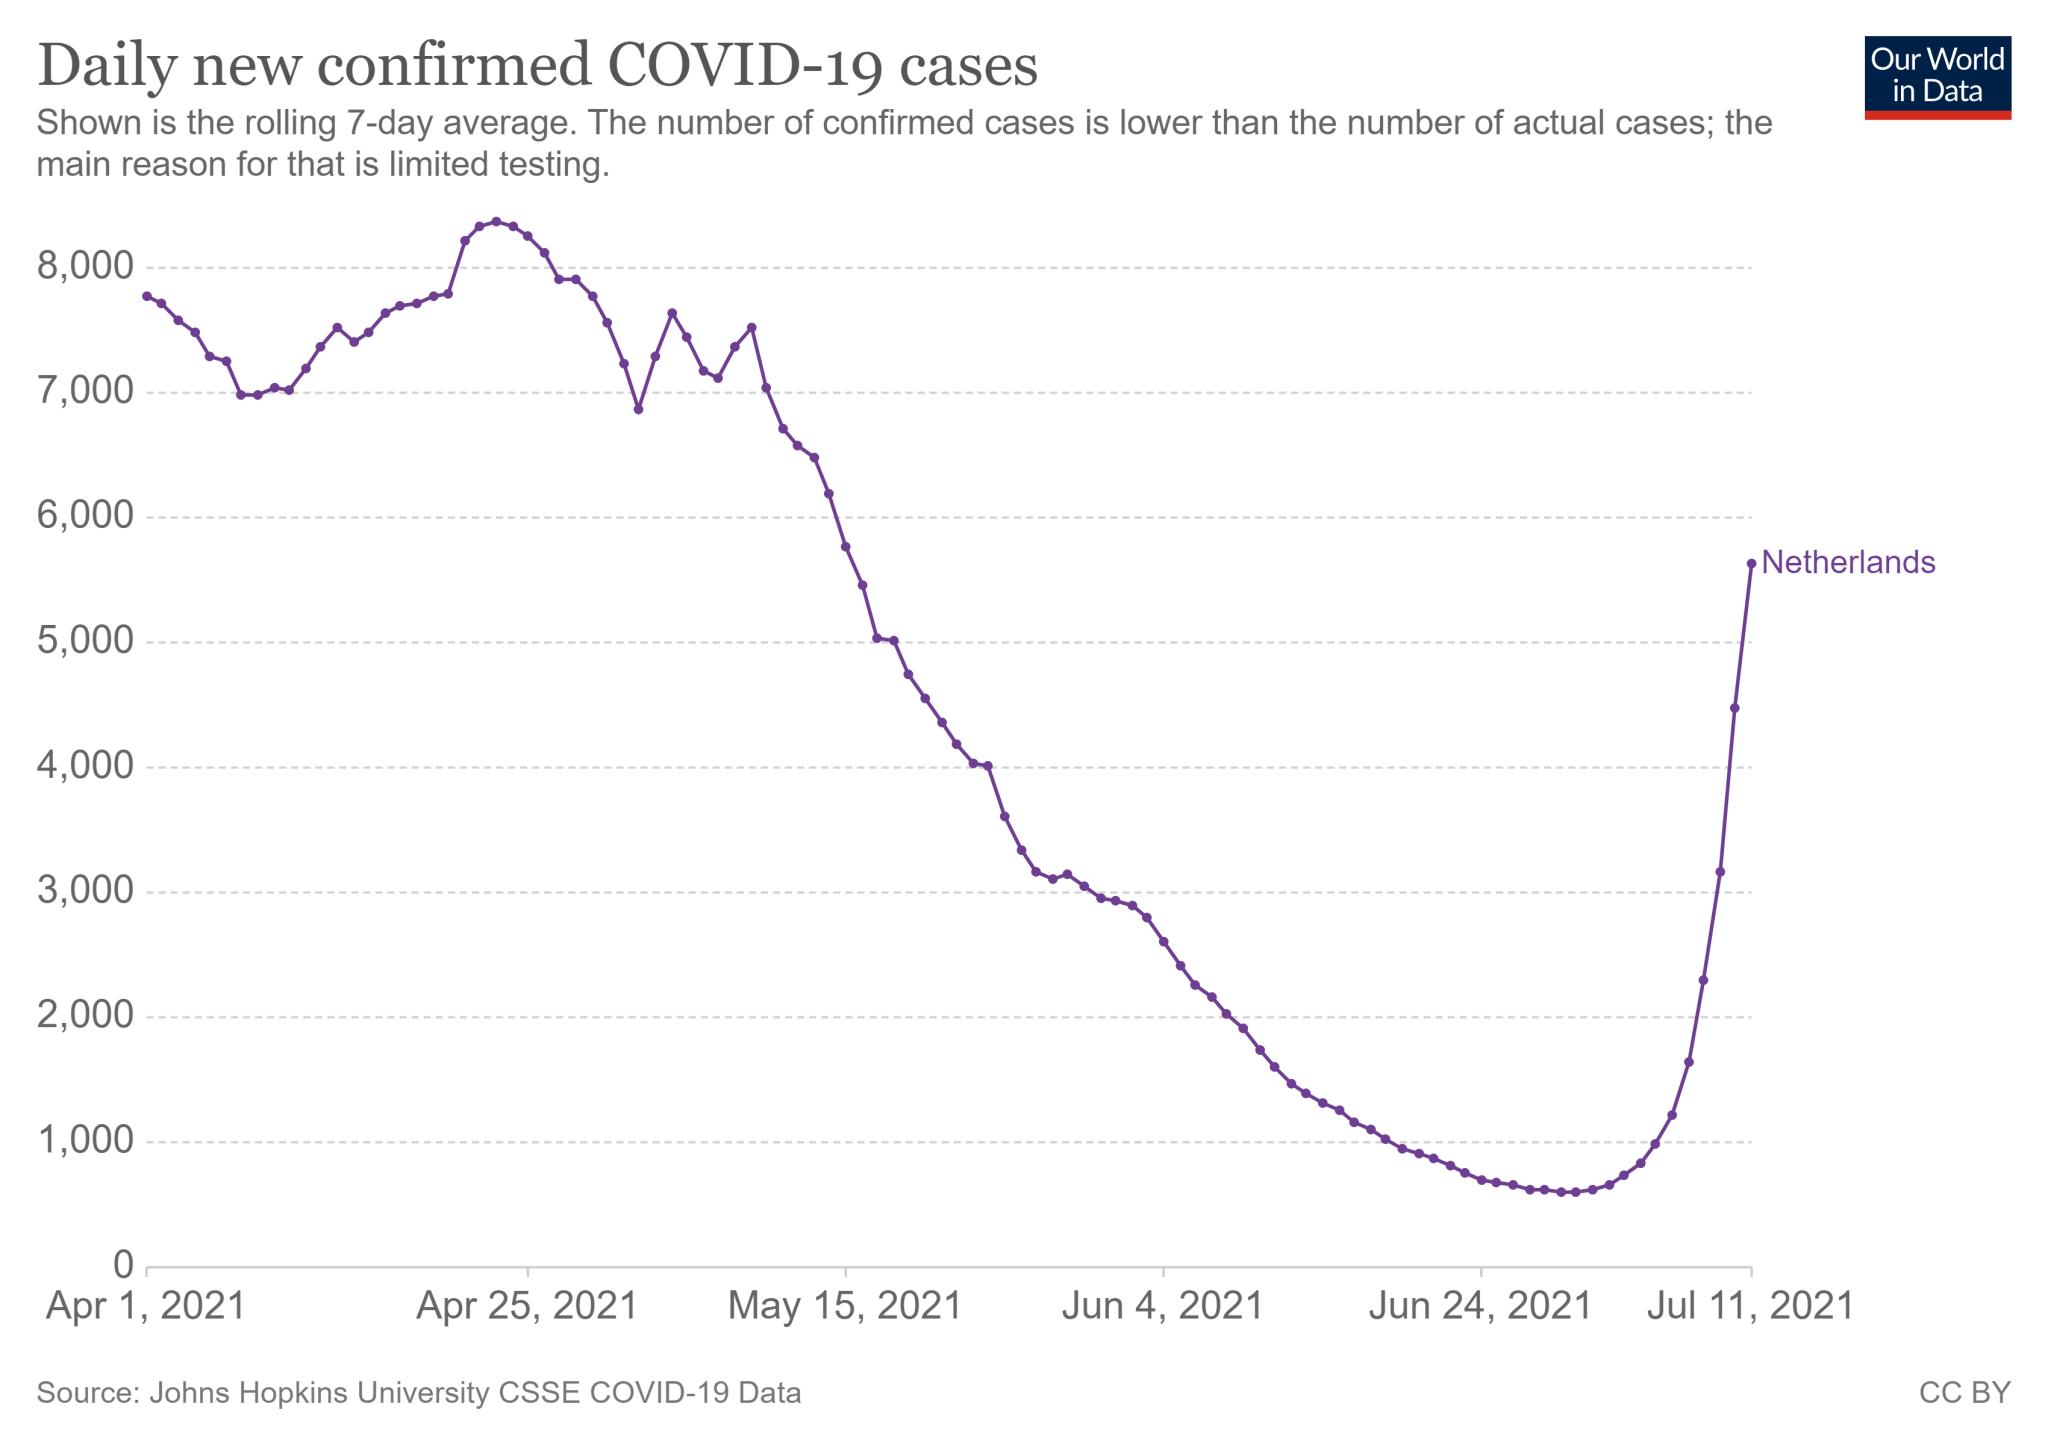 Średnia dzienna liczba nowych zakażeń COVID-19 w Holandii (1 kwietnia - 11 lipca 2021)